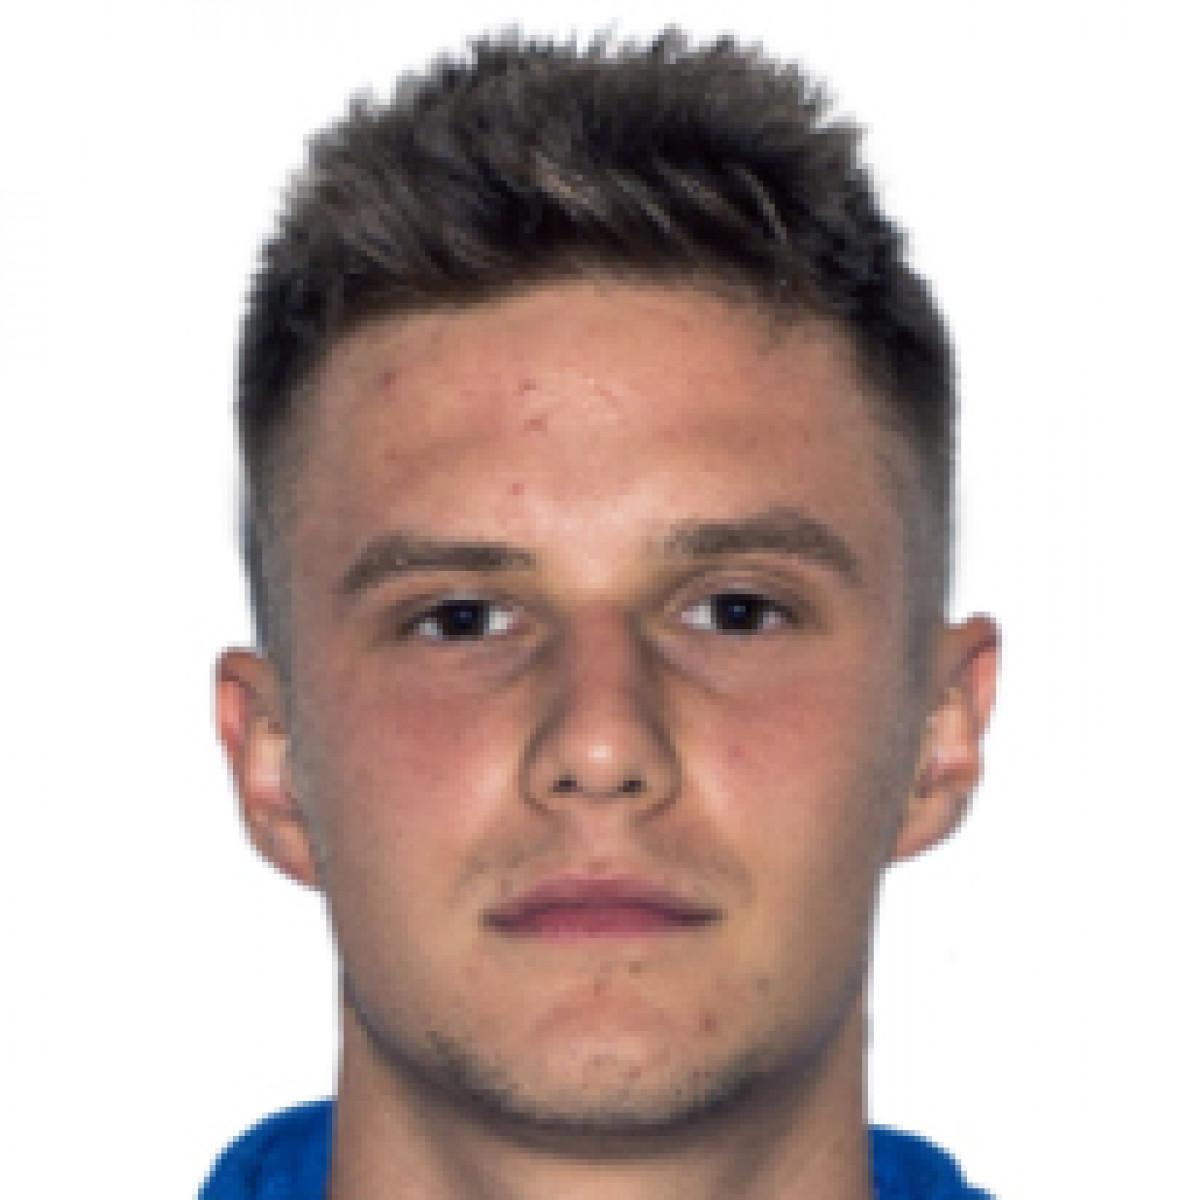 Dawid Gruszczynski